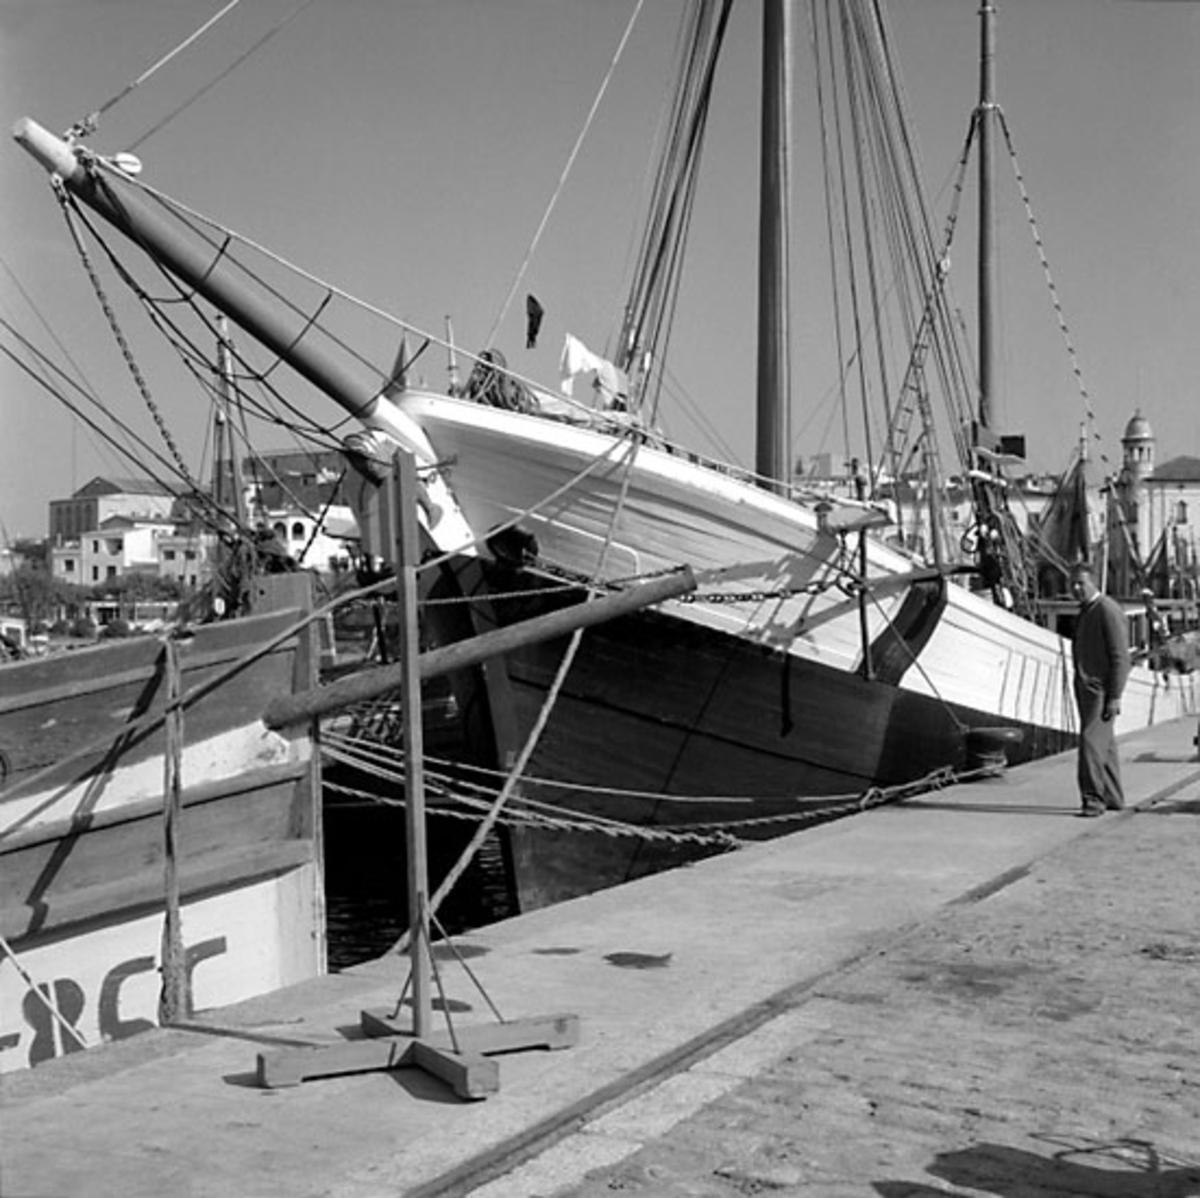 33. Spanien. Fotojournal finns på B.M.A. + fotoalbum. Samtidigt förvärv: Böcker och arkivmaterial. Foton tagna 1959-11-07. 12 Bilder i serie.